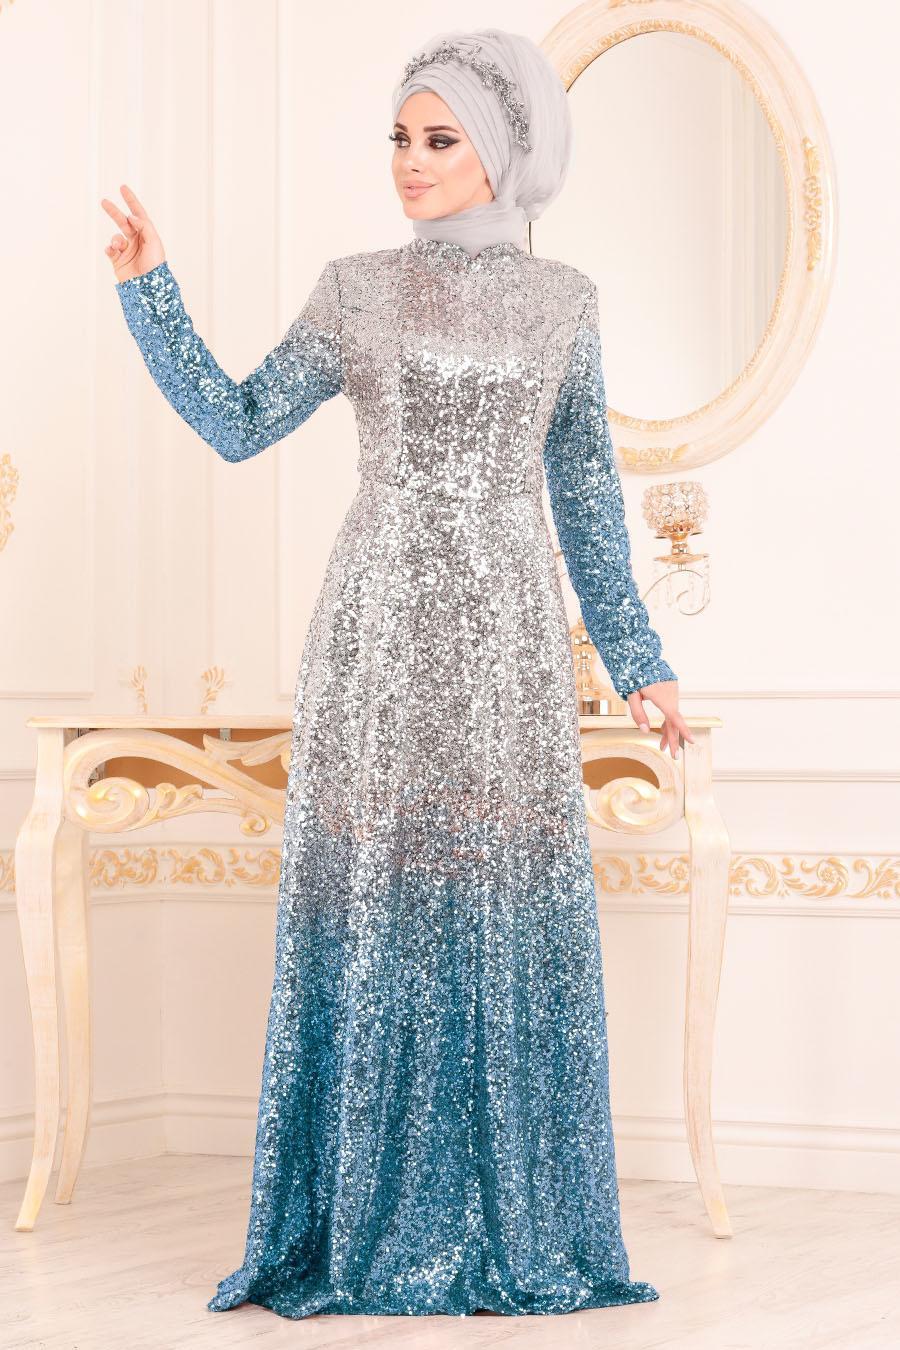 Tesettürlü Abiye Elbise - Pul Payetli Bebek Mavisi Tesettür Abiye Elbise 8576BM